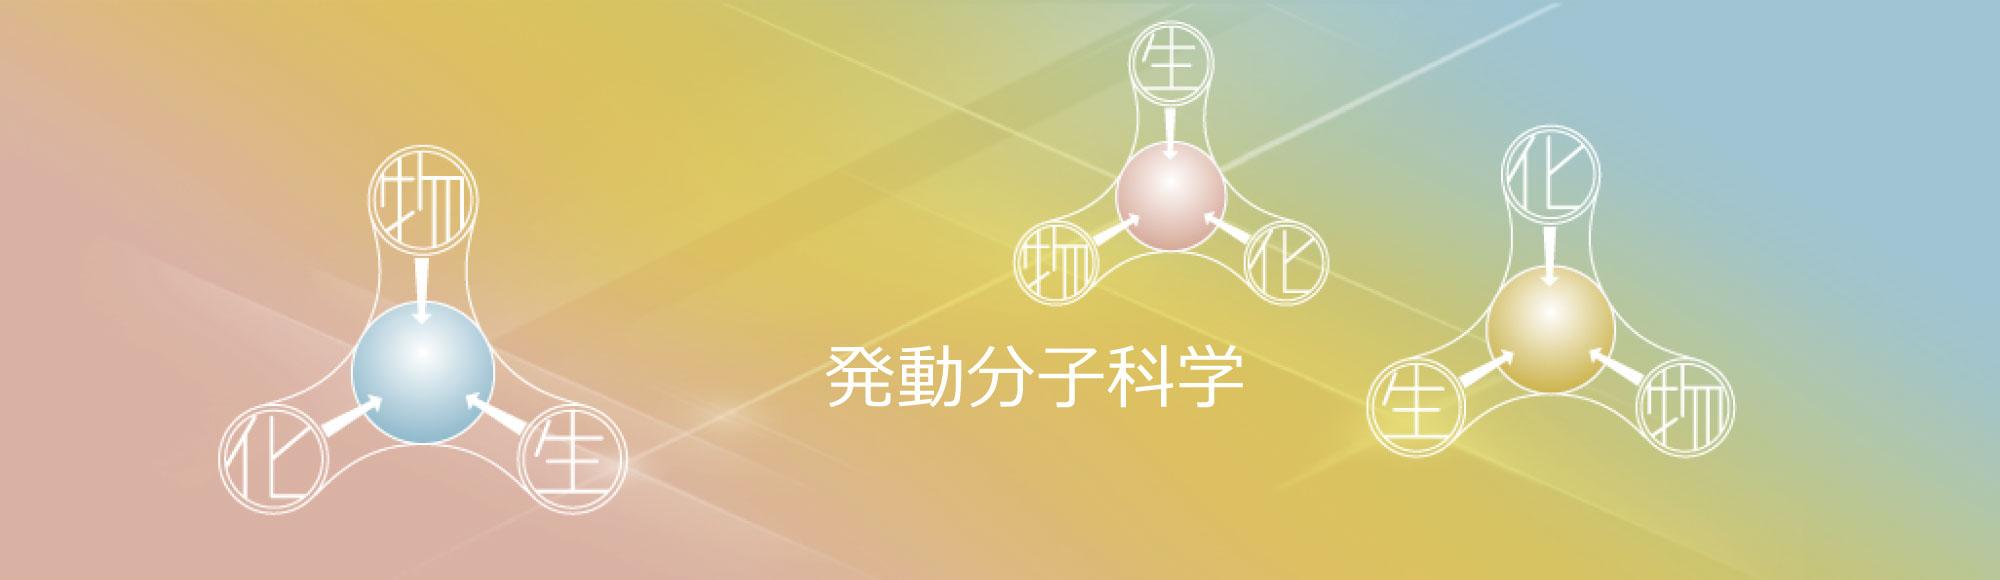 Yoshiyuki Kageyama Webpage